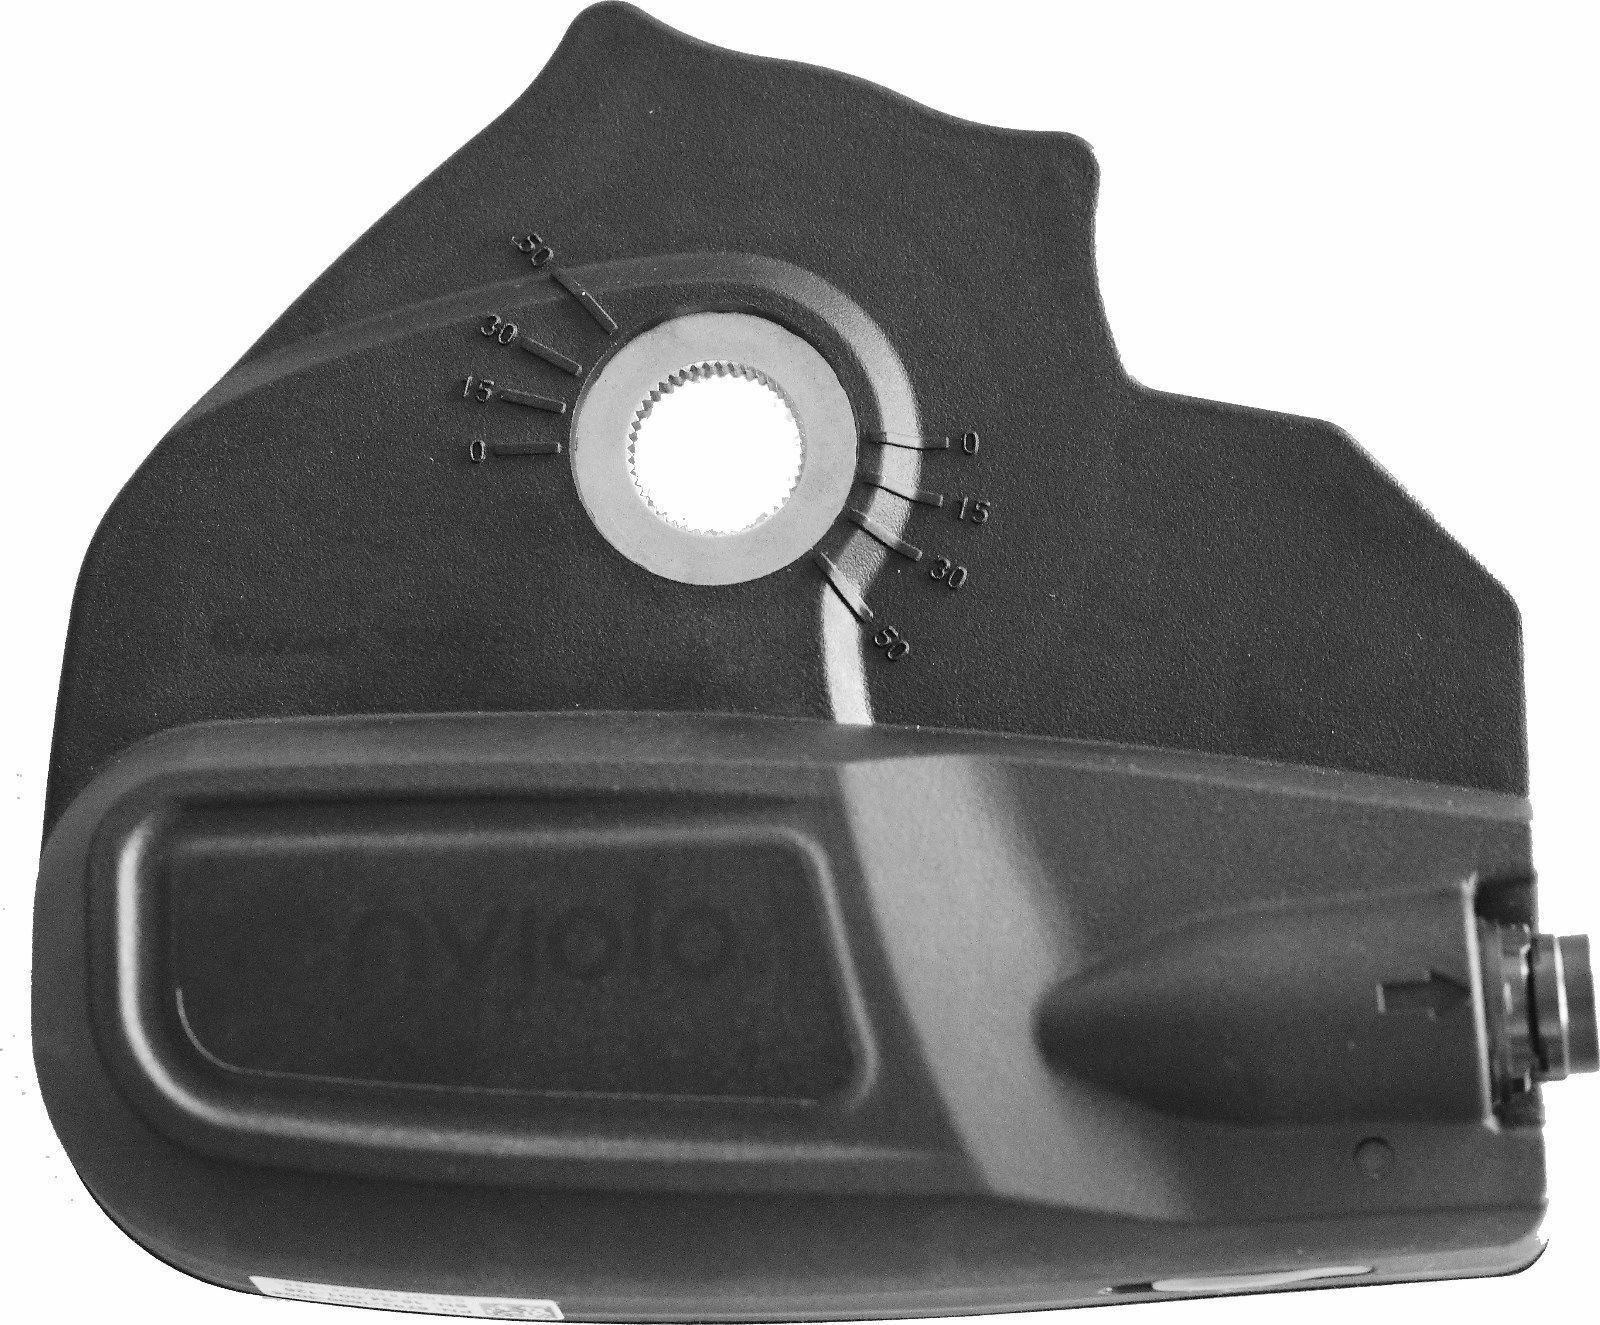 Nuvinci Enviolo Naben Schalt Interface One Turn für N360 N380 und CT//TR